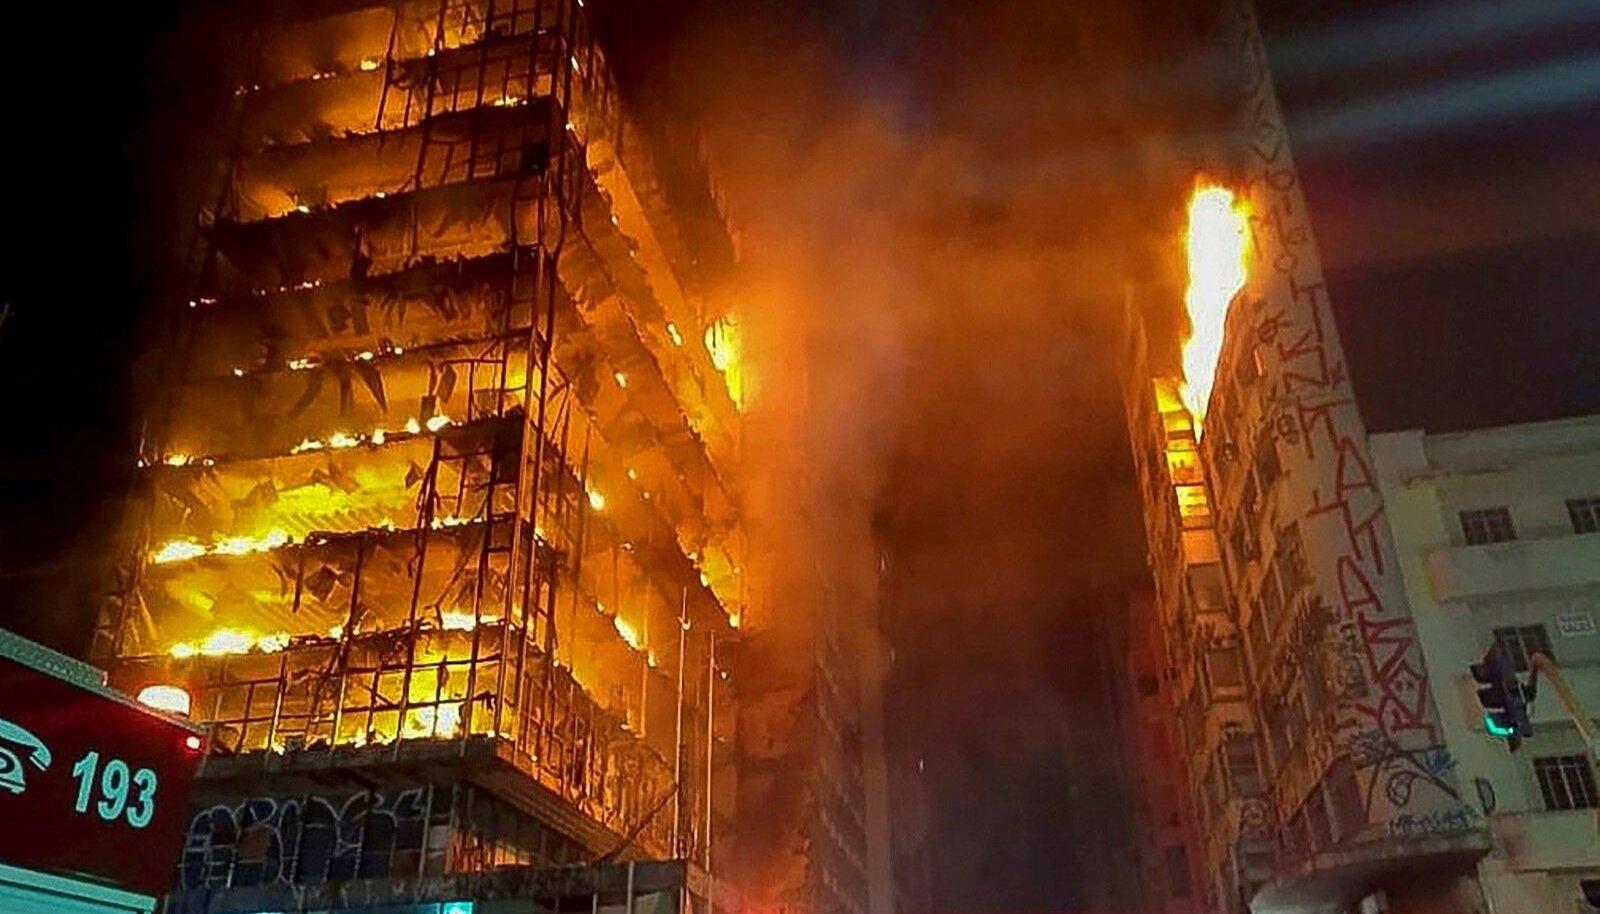 KOLM MINUTIT HÄVINGUNI: Brasiilias São Paolos varises mõne minutiga rusudeks 25korruseline kõrghoone, mille kandekonstruktsioonid olid betooniga kaetud terasest. Teras hakkas painduma siis, kui kahjutuli oli kestnud poolteist tundi. Hoones olnud 250 inime